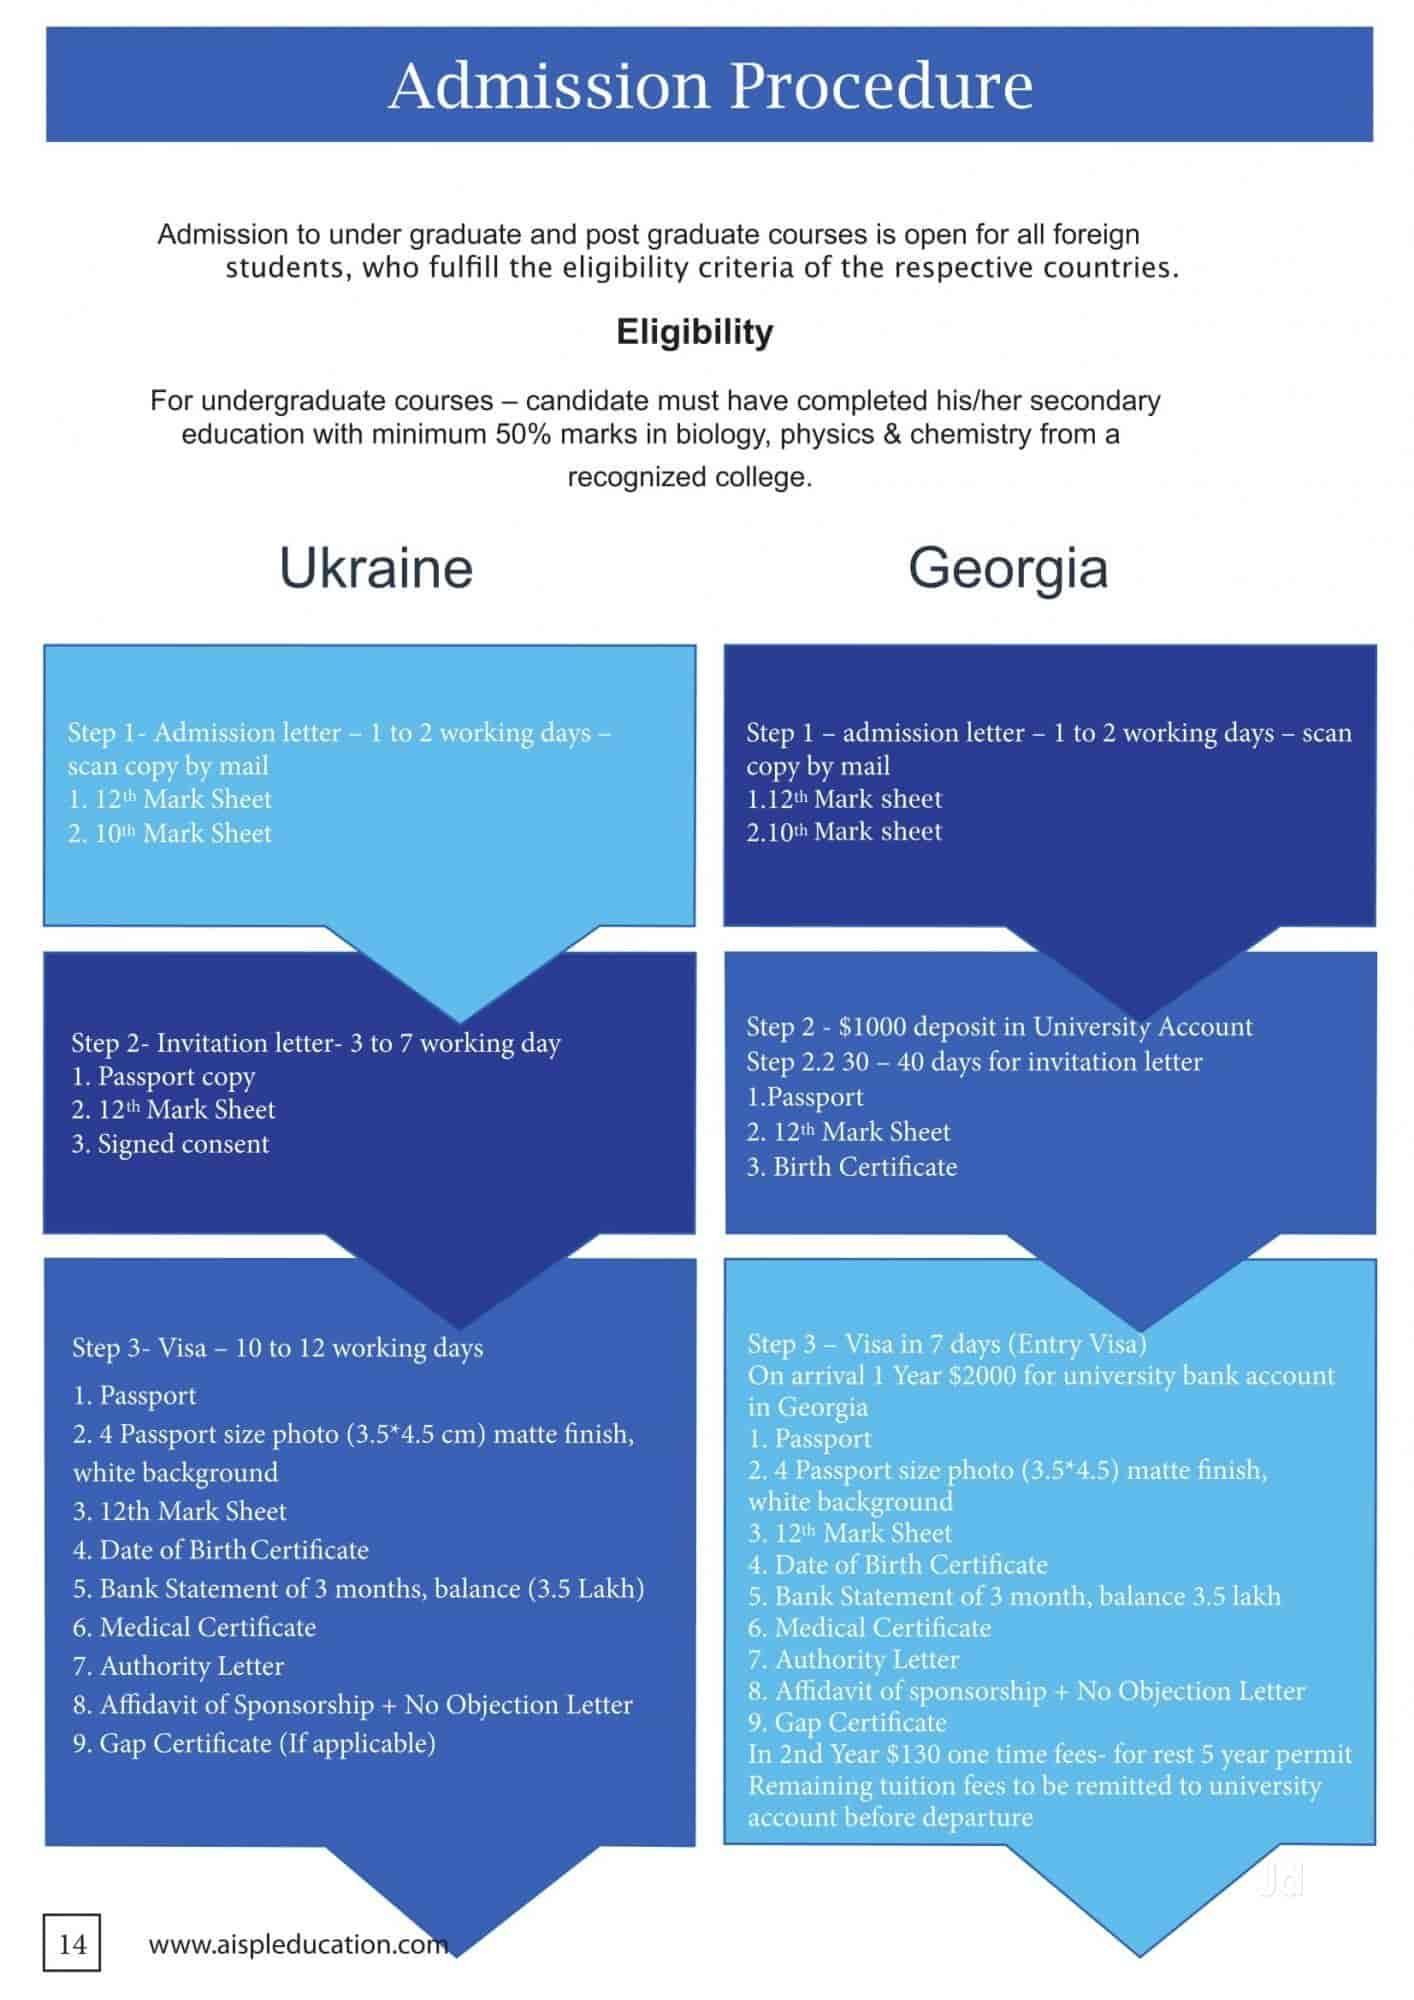 AISPL Education, Zingabai Takali - Overseas Education